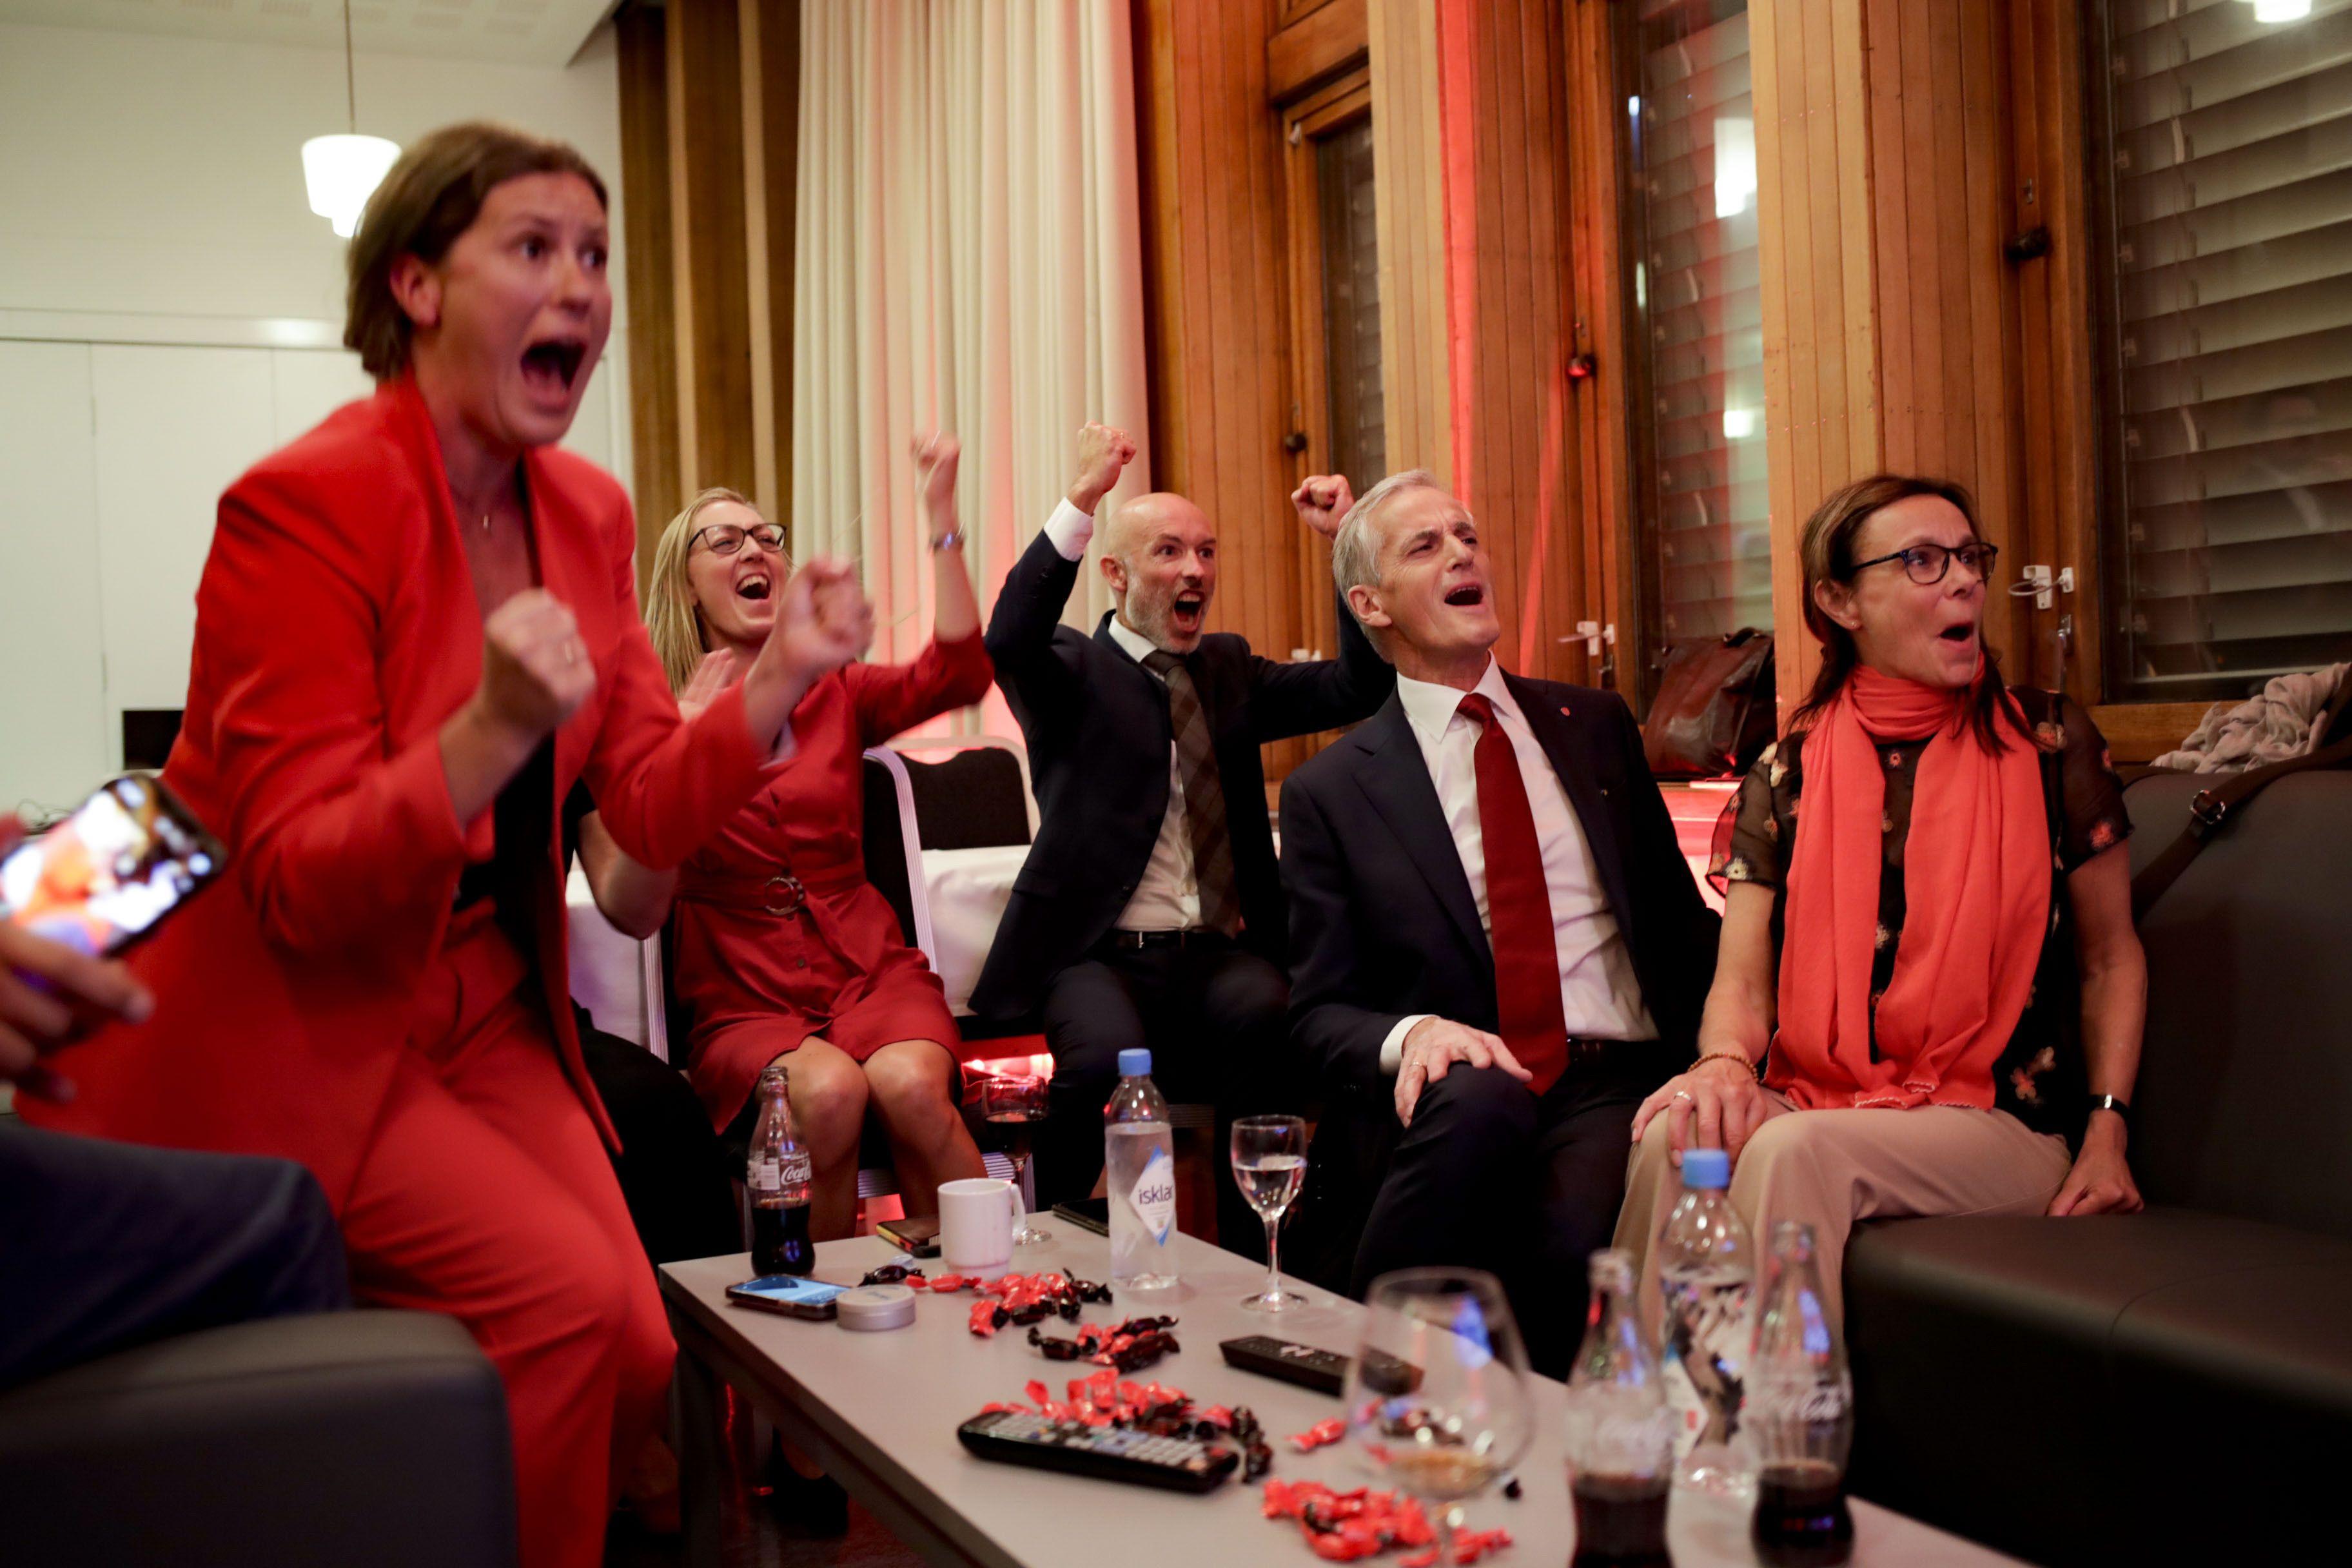 noruega: centro-izquierda se enfila a triunfo en elecciones